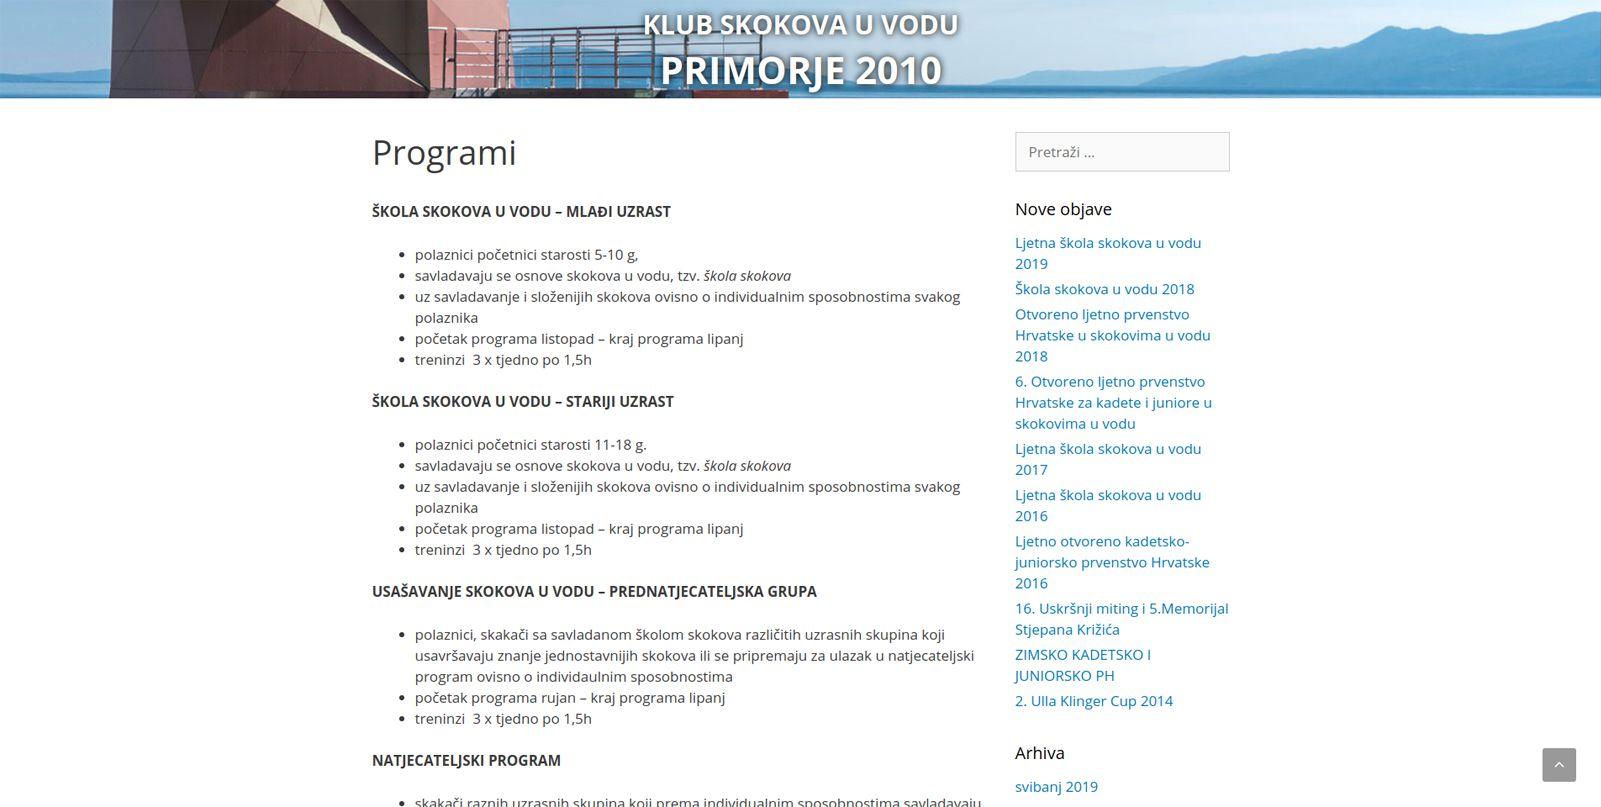 Ksv Primorje 3